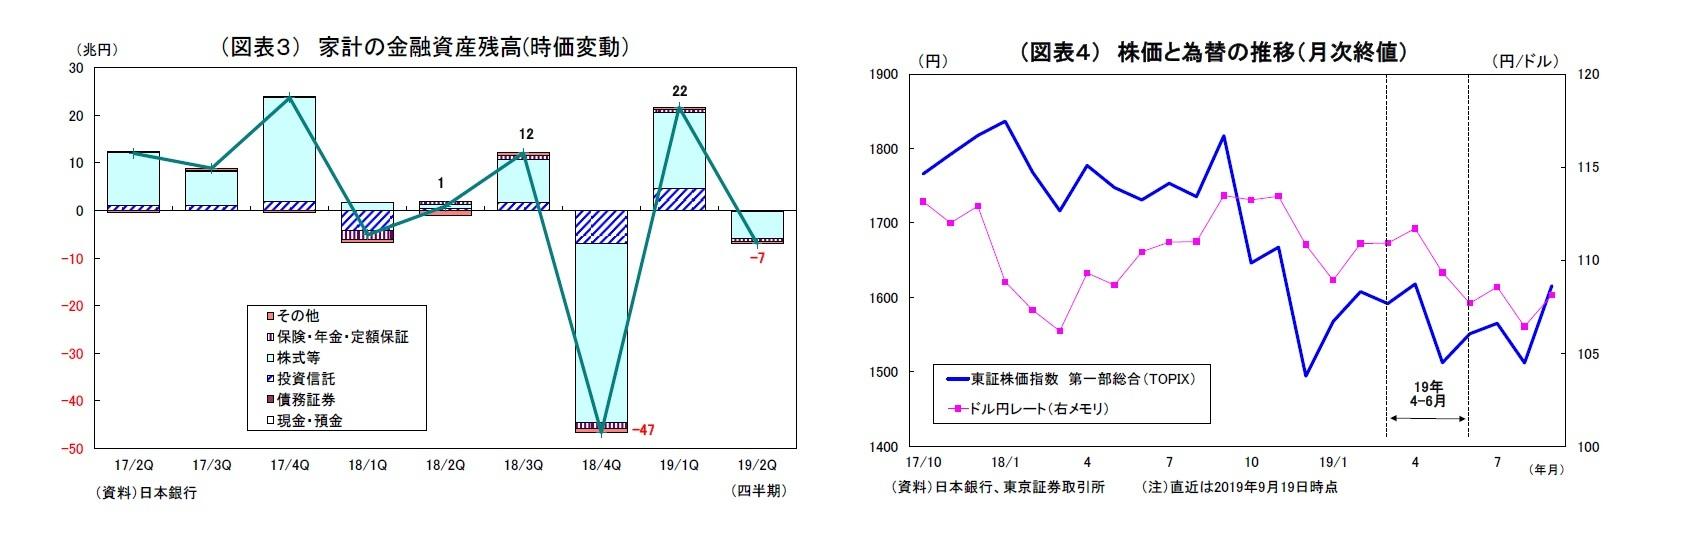 (図表3) 家計の金融資産残高(時価変動)/(図表4) 株価と為替の推移(月次終値)